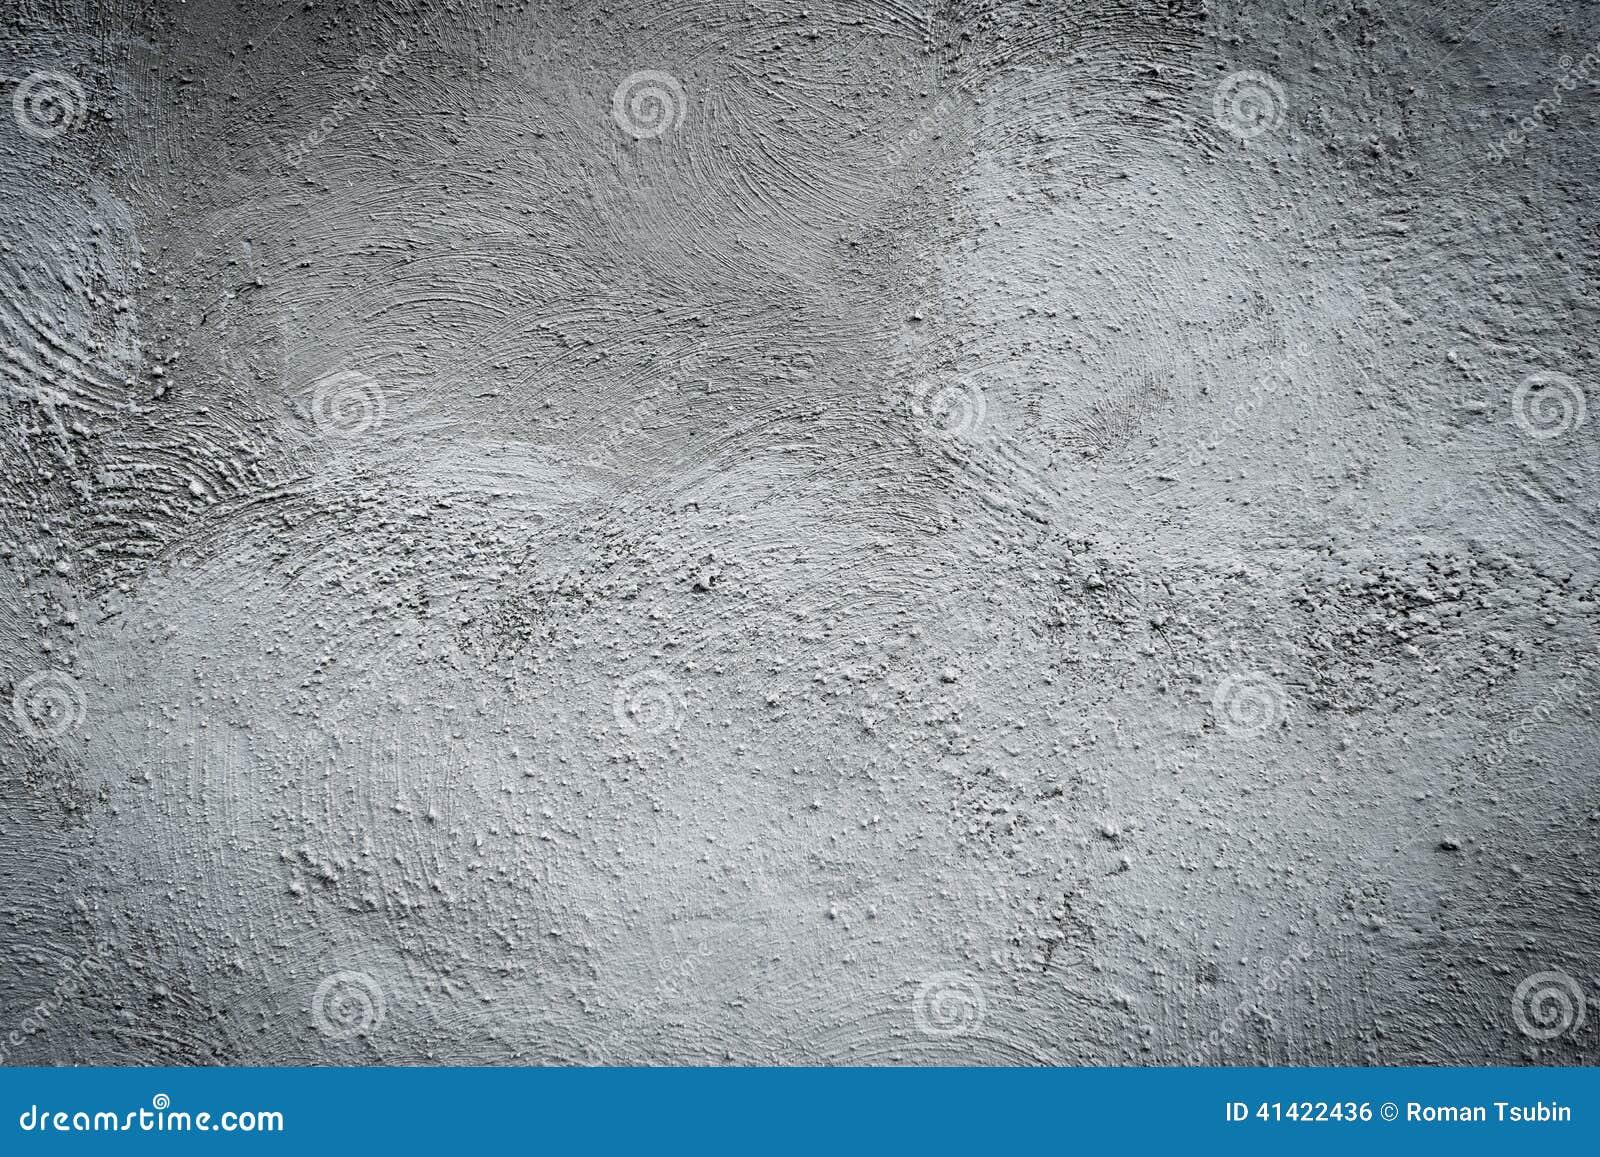 texture grunge en pierre noire et blanche de mur de fond photo stock image 41422436. Black Bedroom Furniture Sets. Home Design Ideas